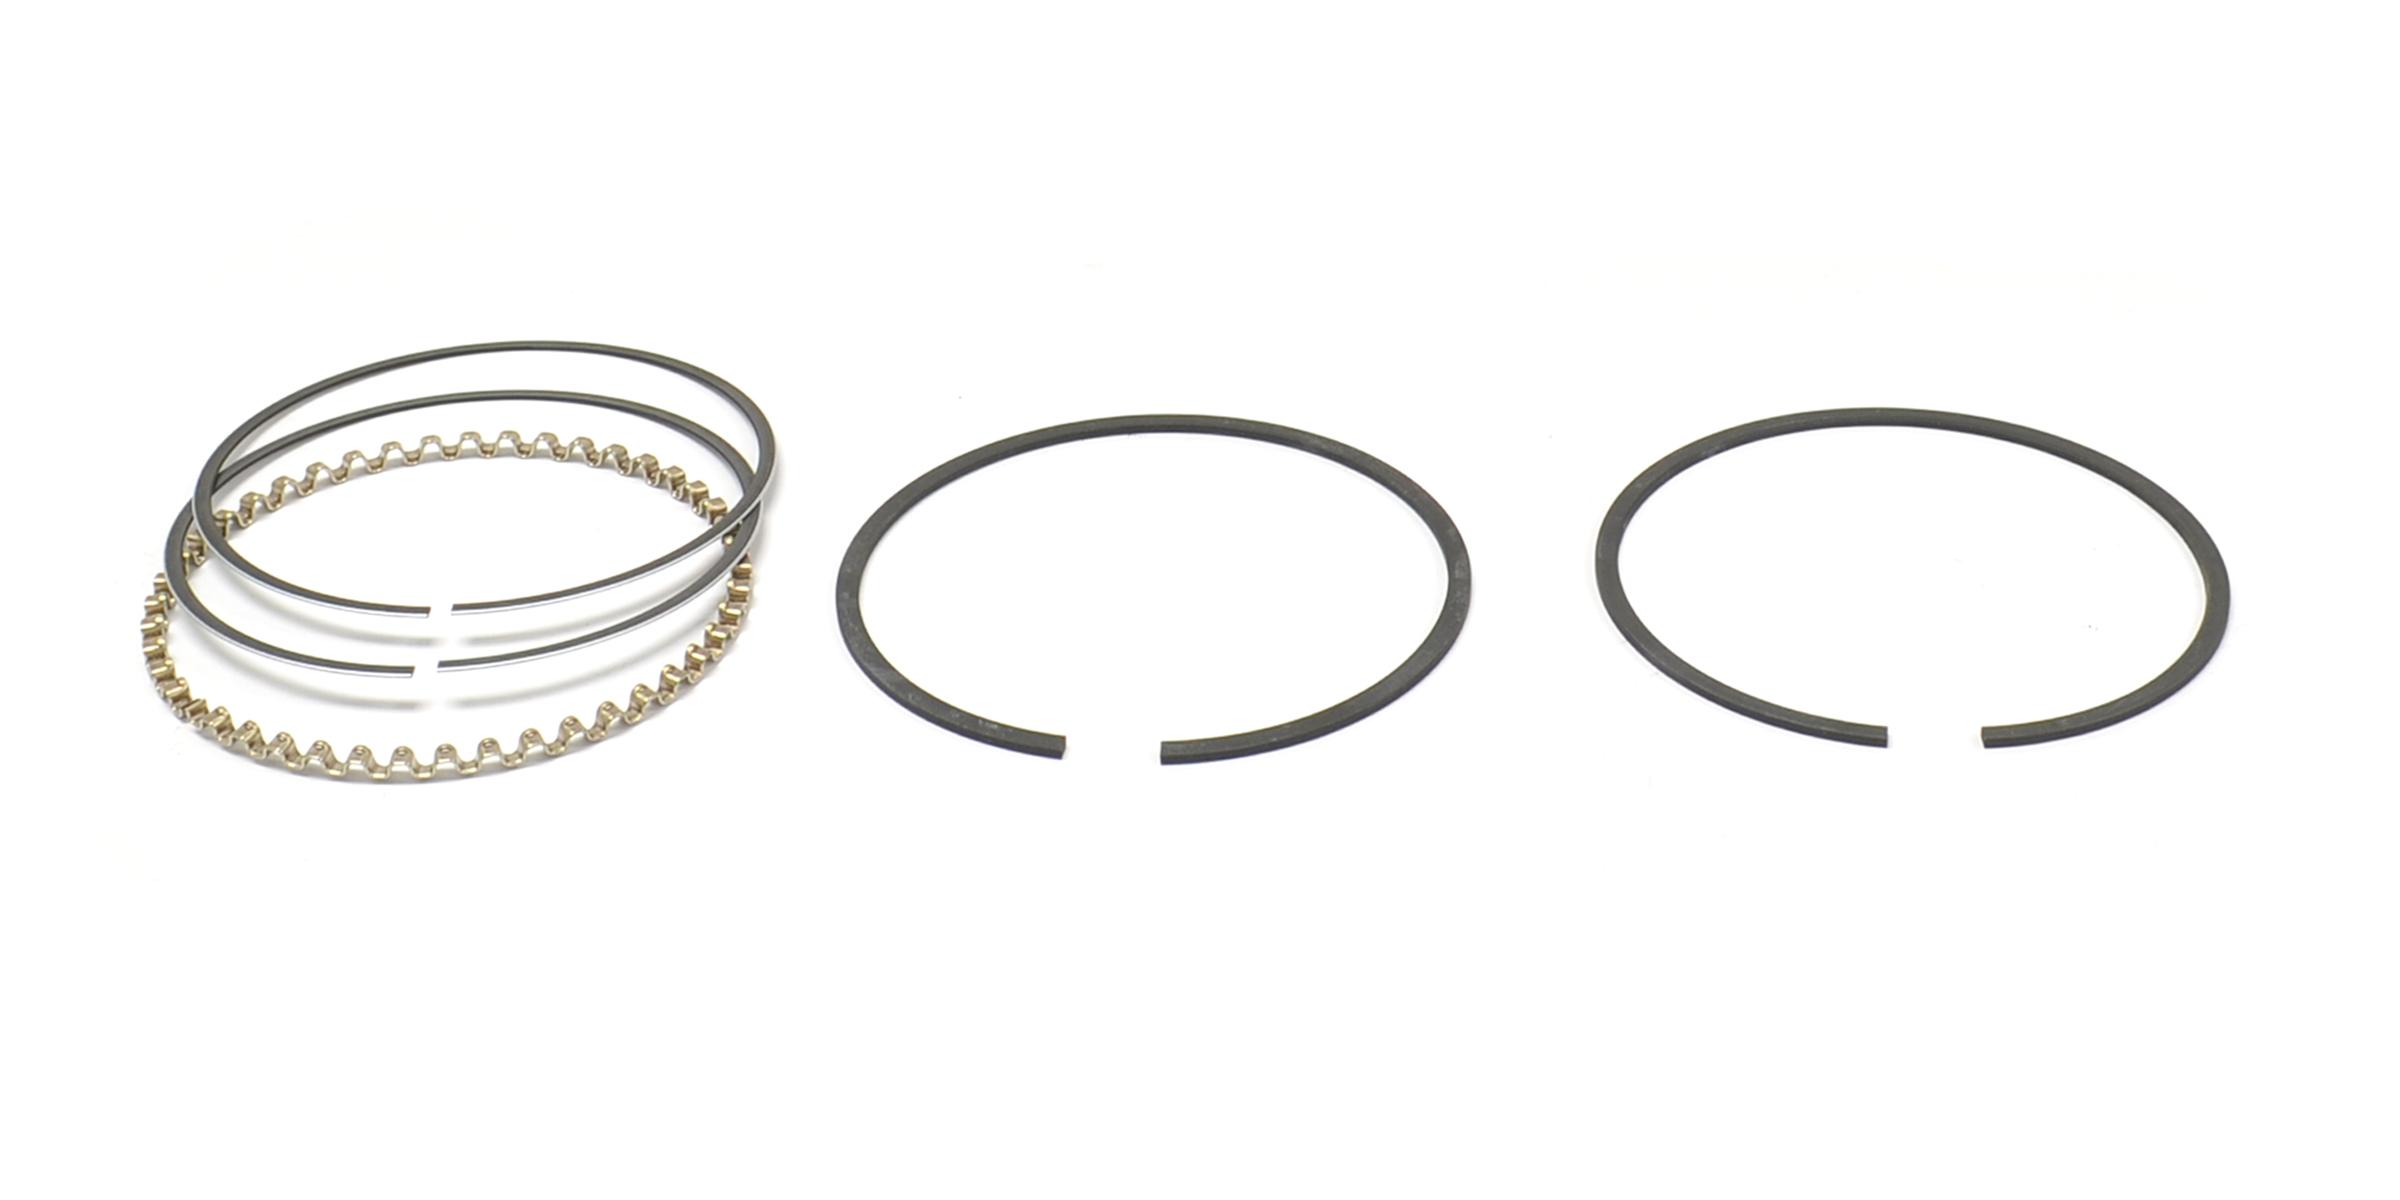 BSA B44 441 Single Piston Ring Set .020 Over +.020